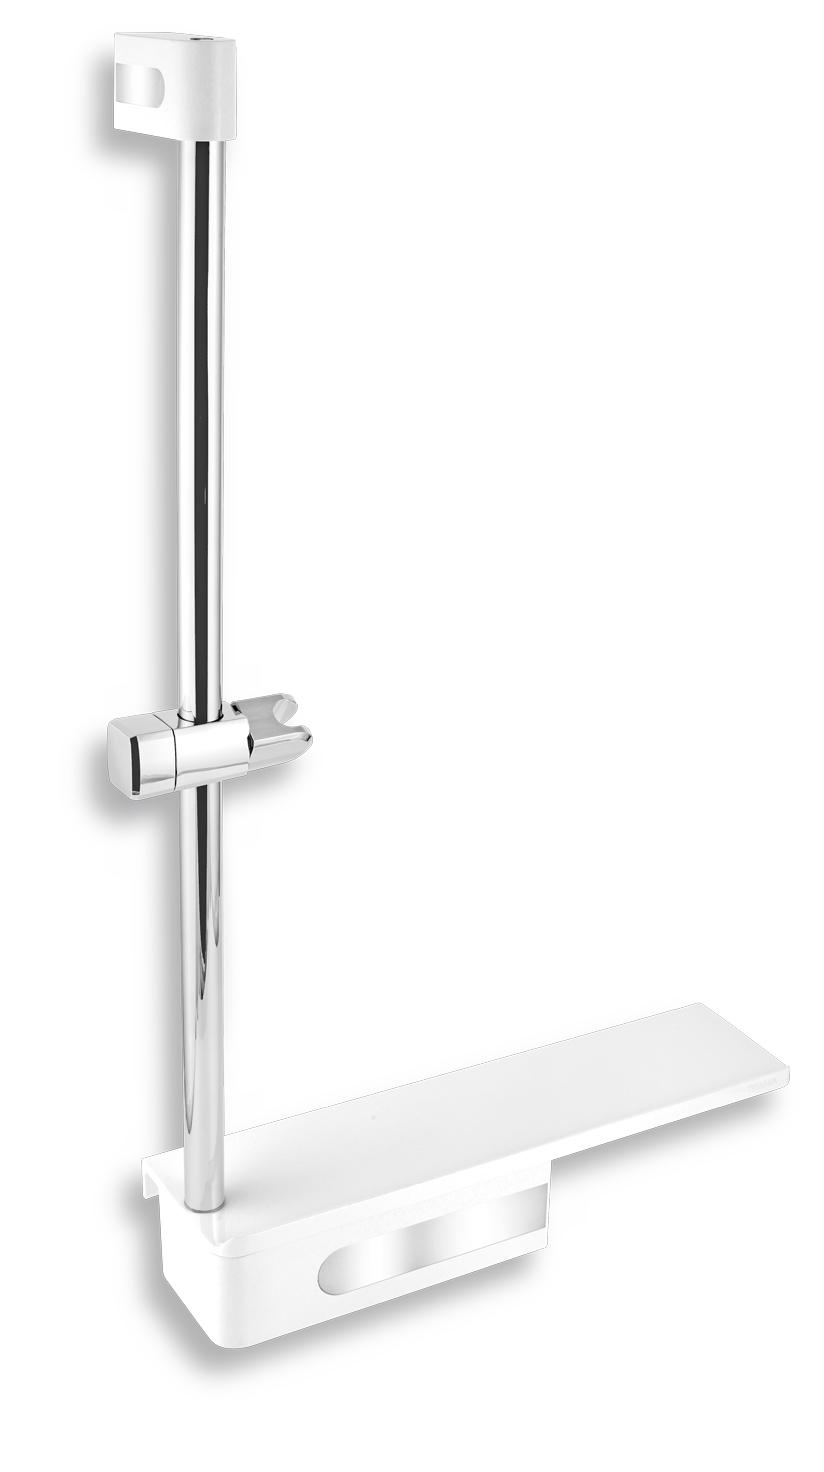 Posuvný držák sprchy s poličkou